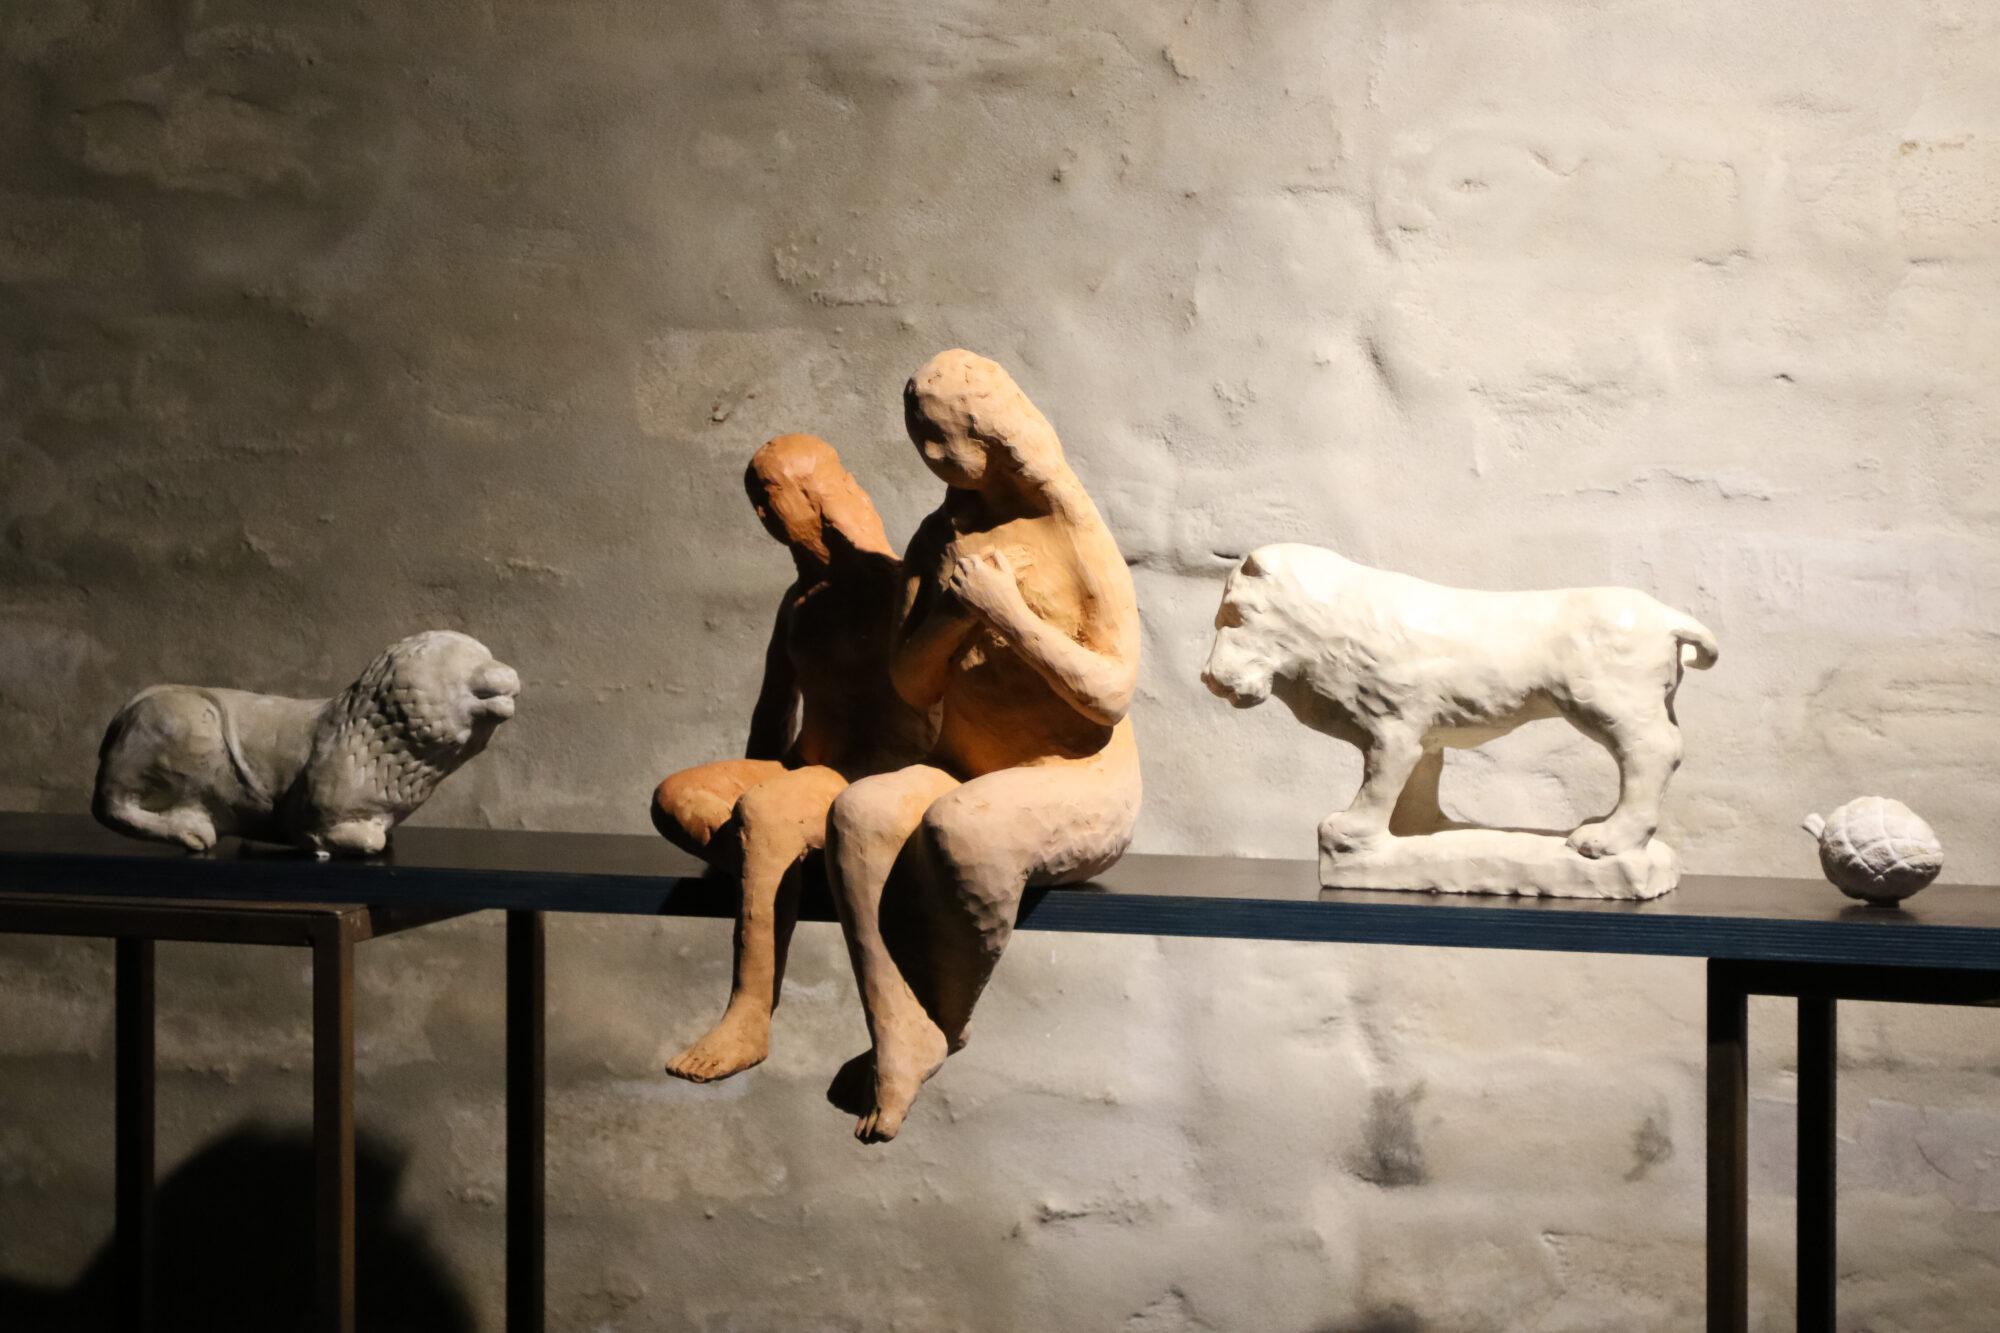 В галерее «Ромас дарзс» открыты сразу две выставки